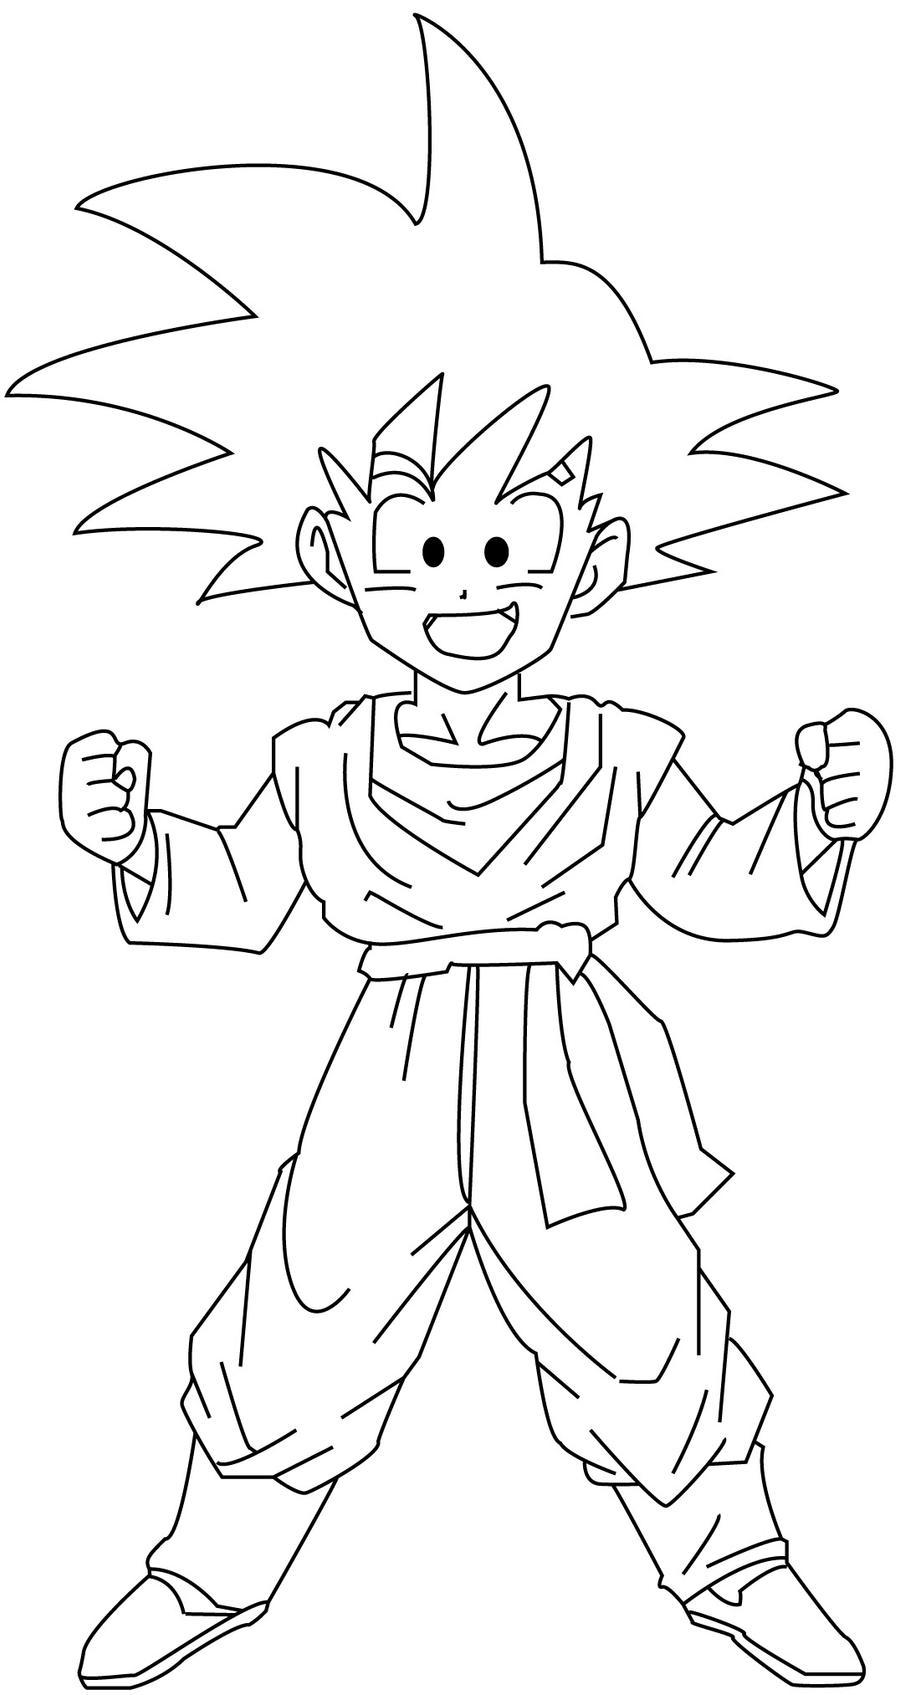 How To Draw Goten